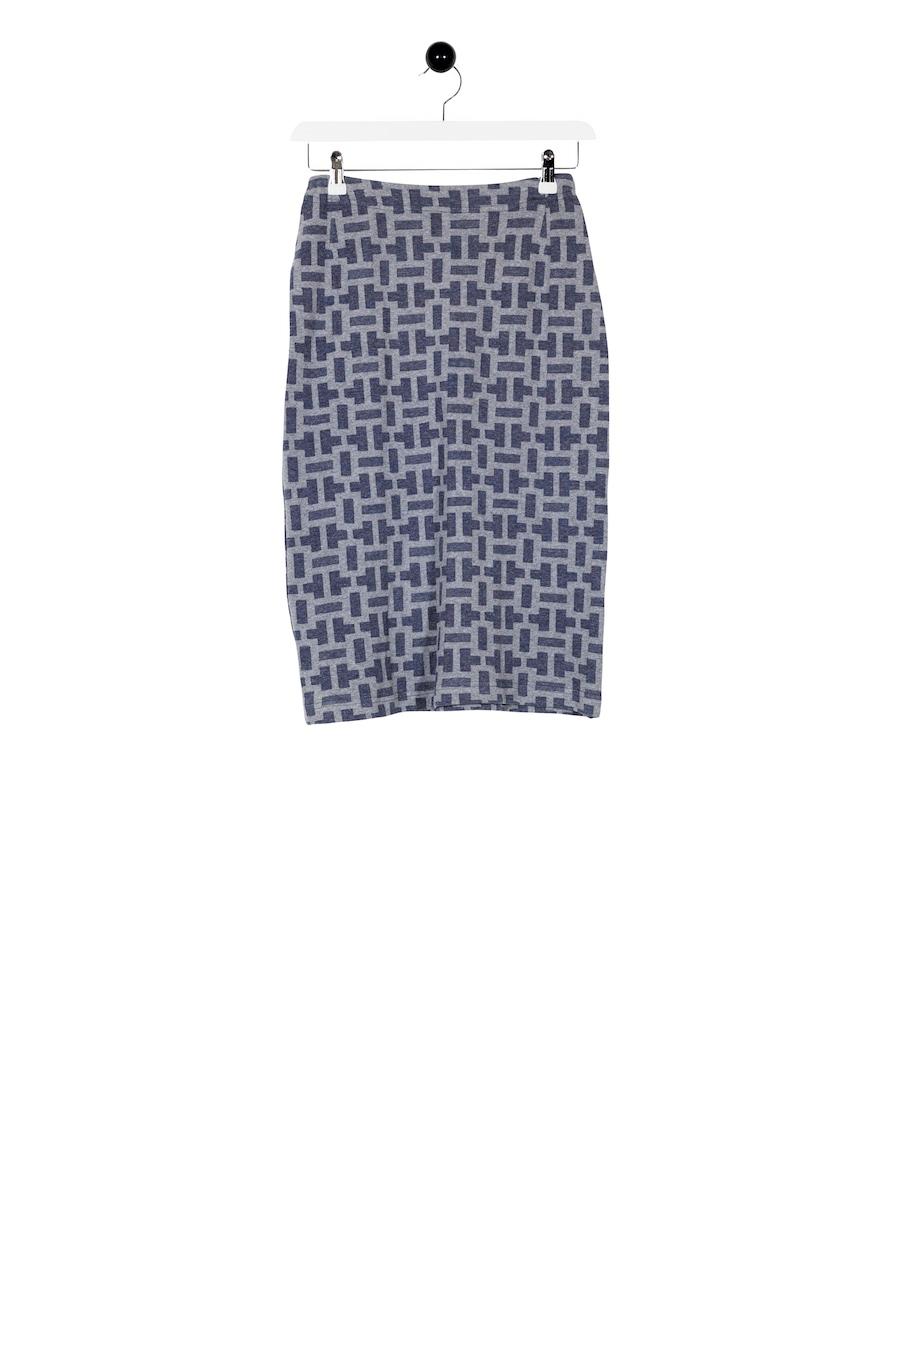 Dalby Skirt